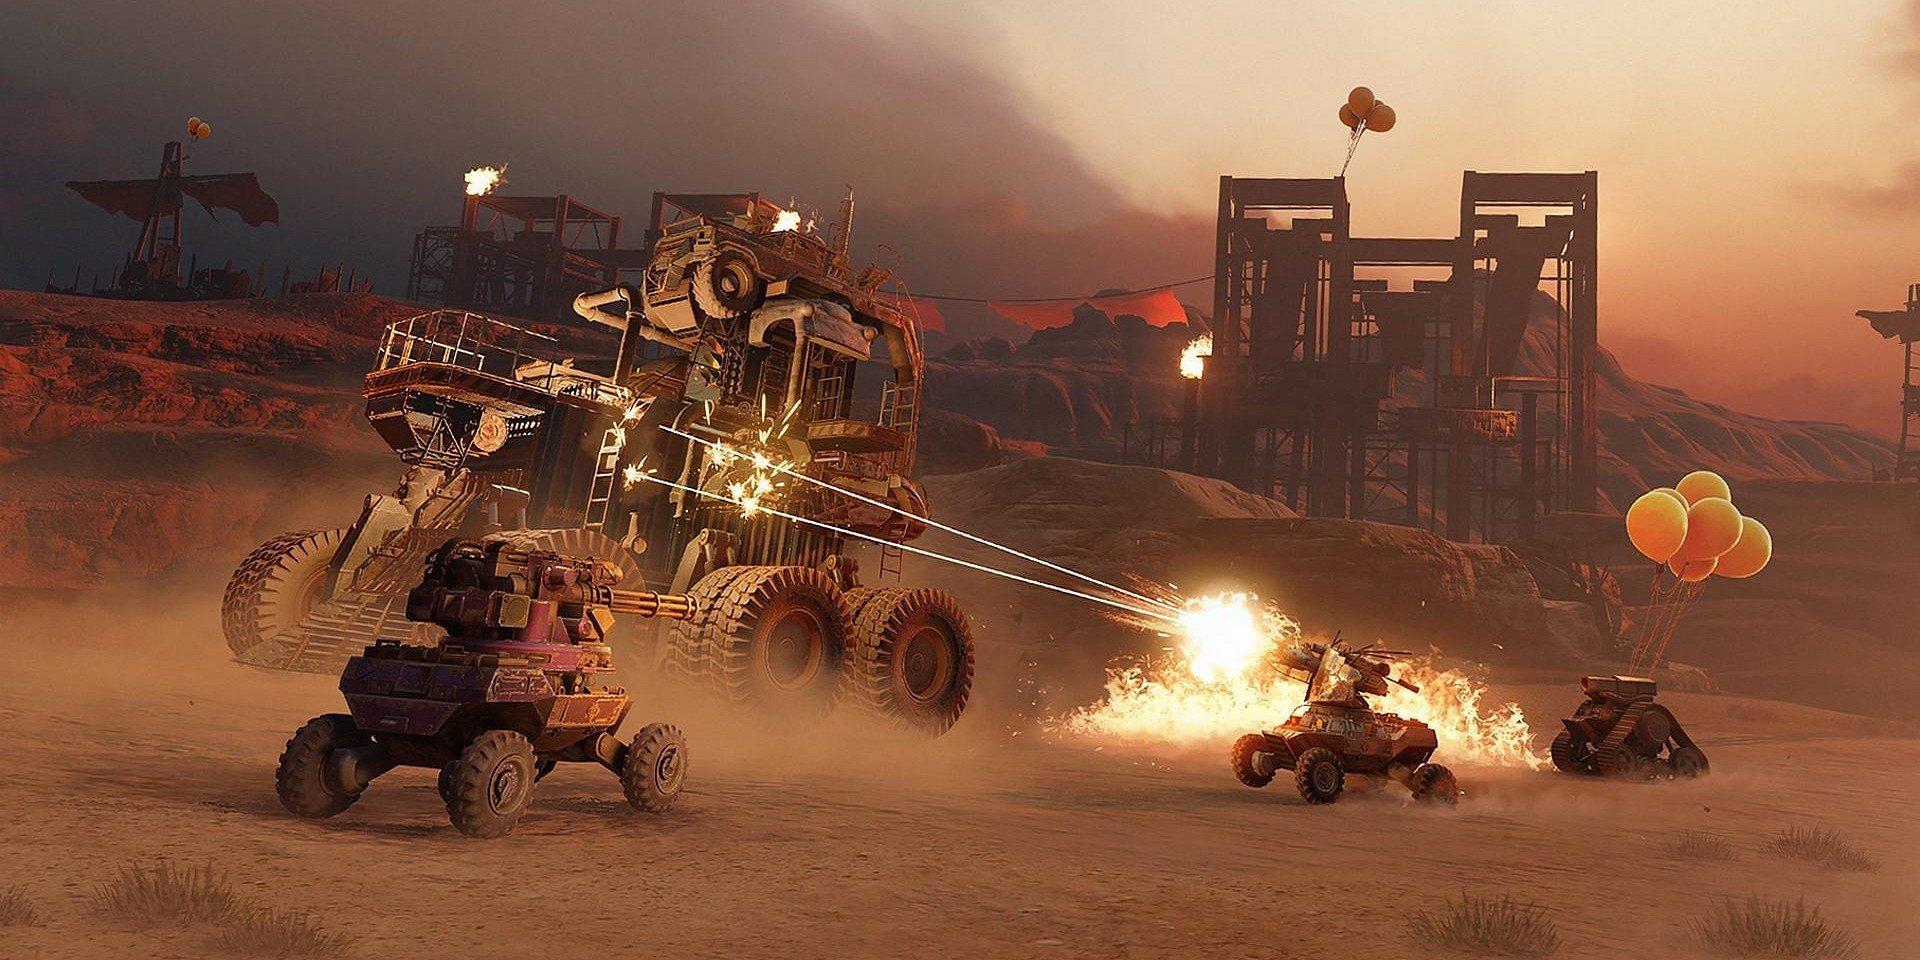 Crossout nabáda hráčov aby zostali doma a bojovali s obrovskými vozidlami Leviathan